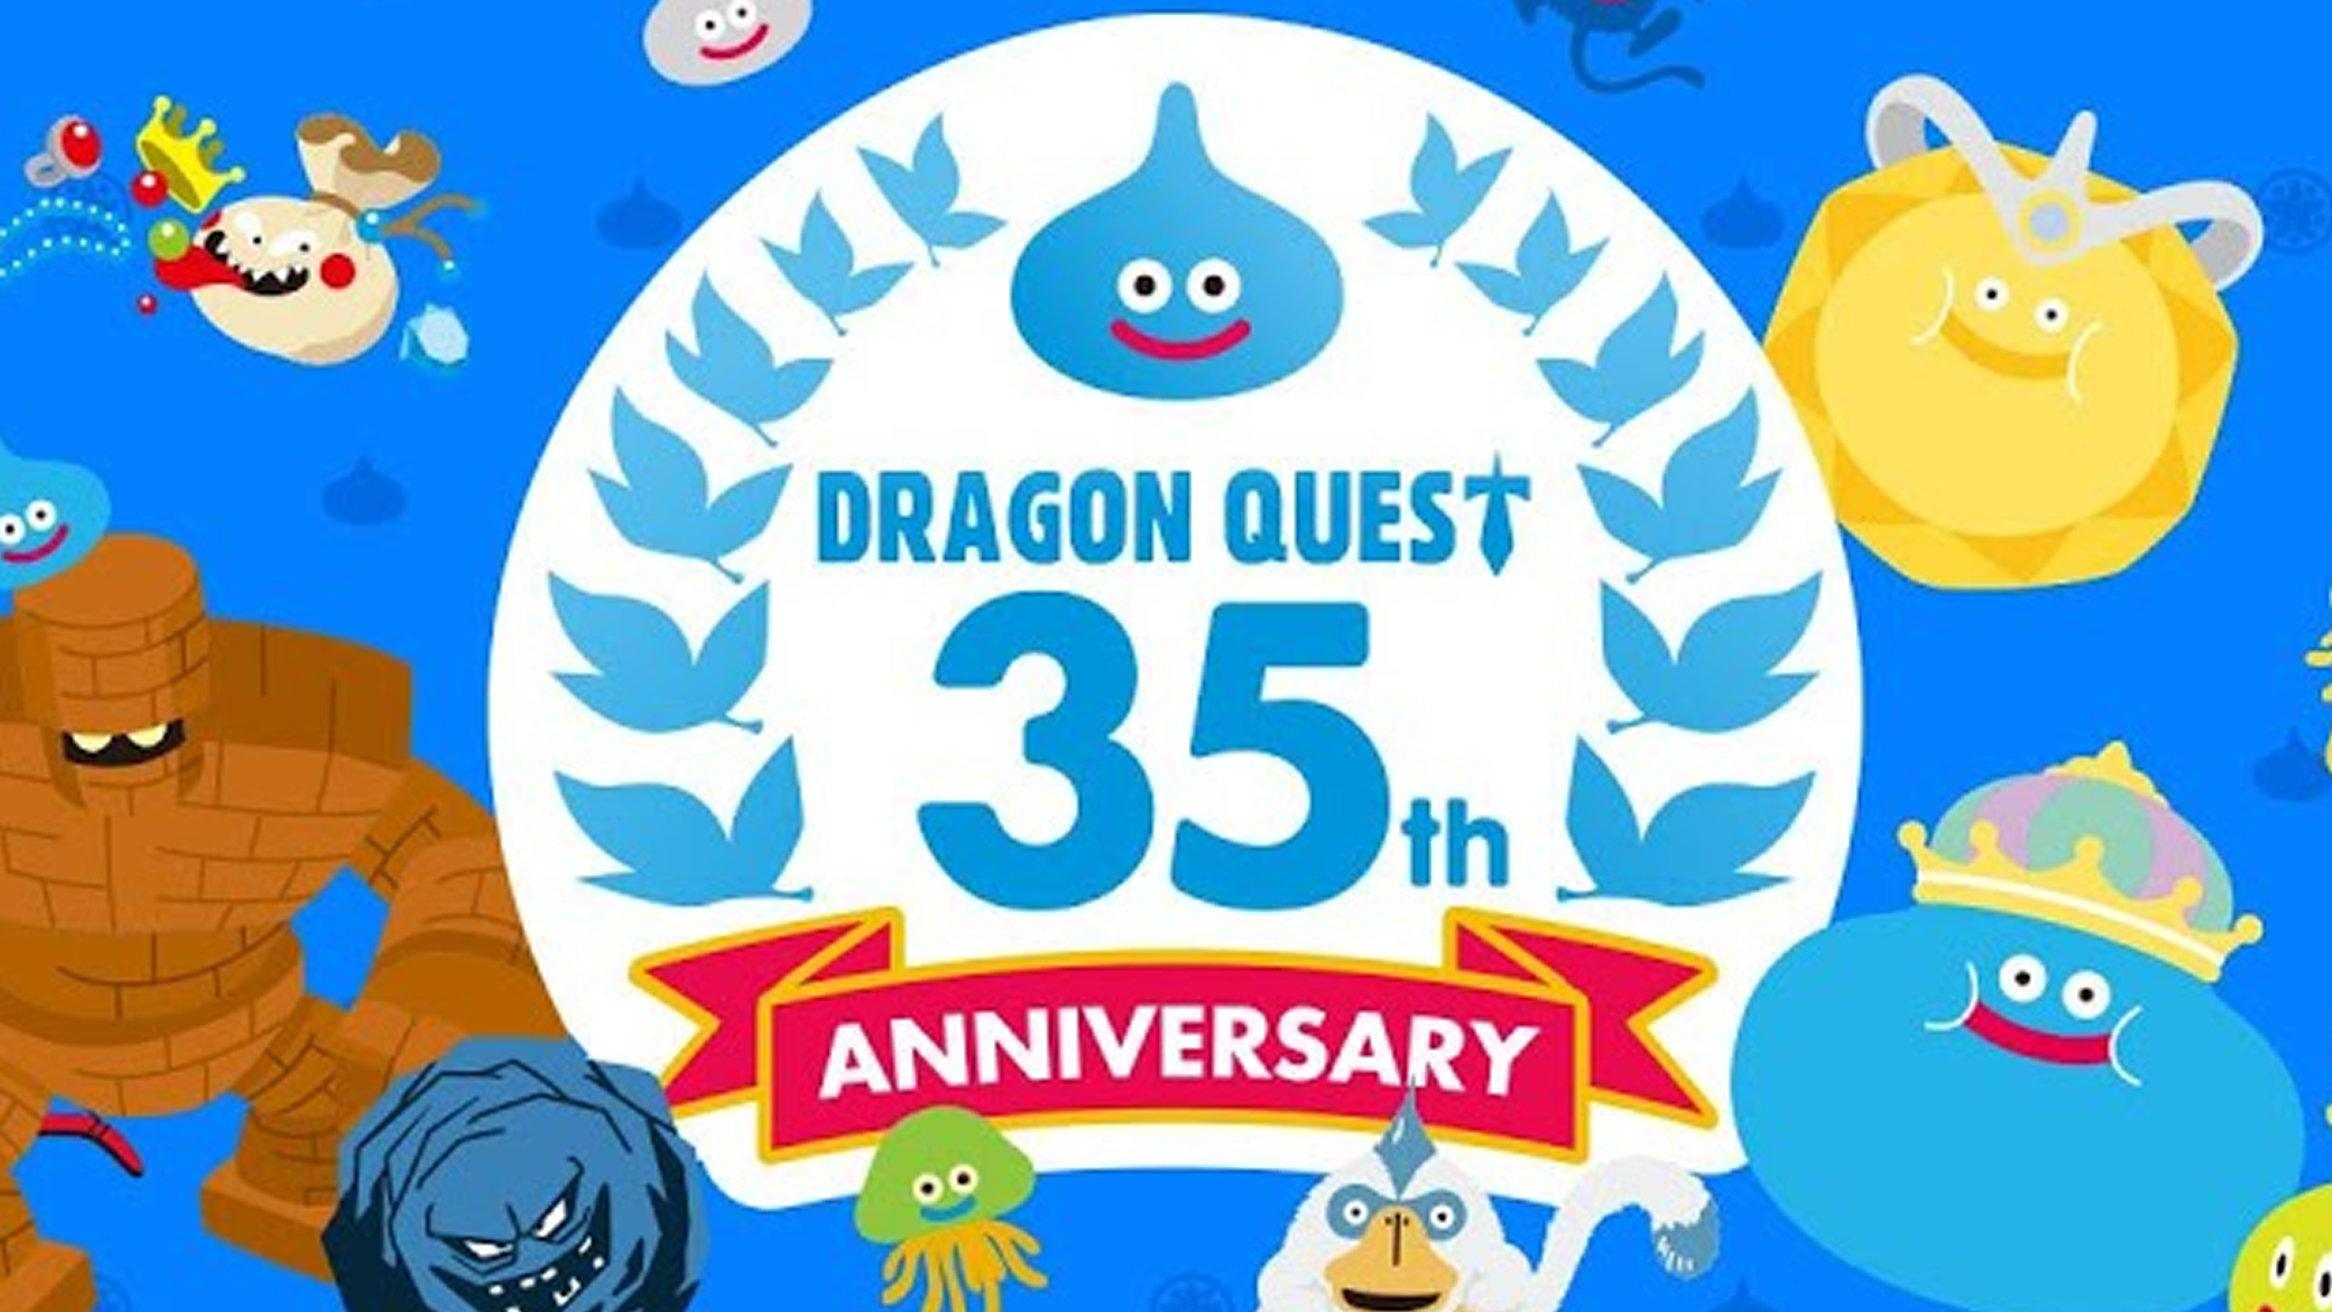 ドラゴンクエスト、35周年記念特番あのゲームの発表も堀井雄二